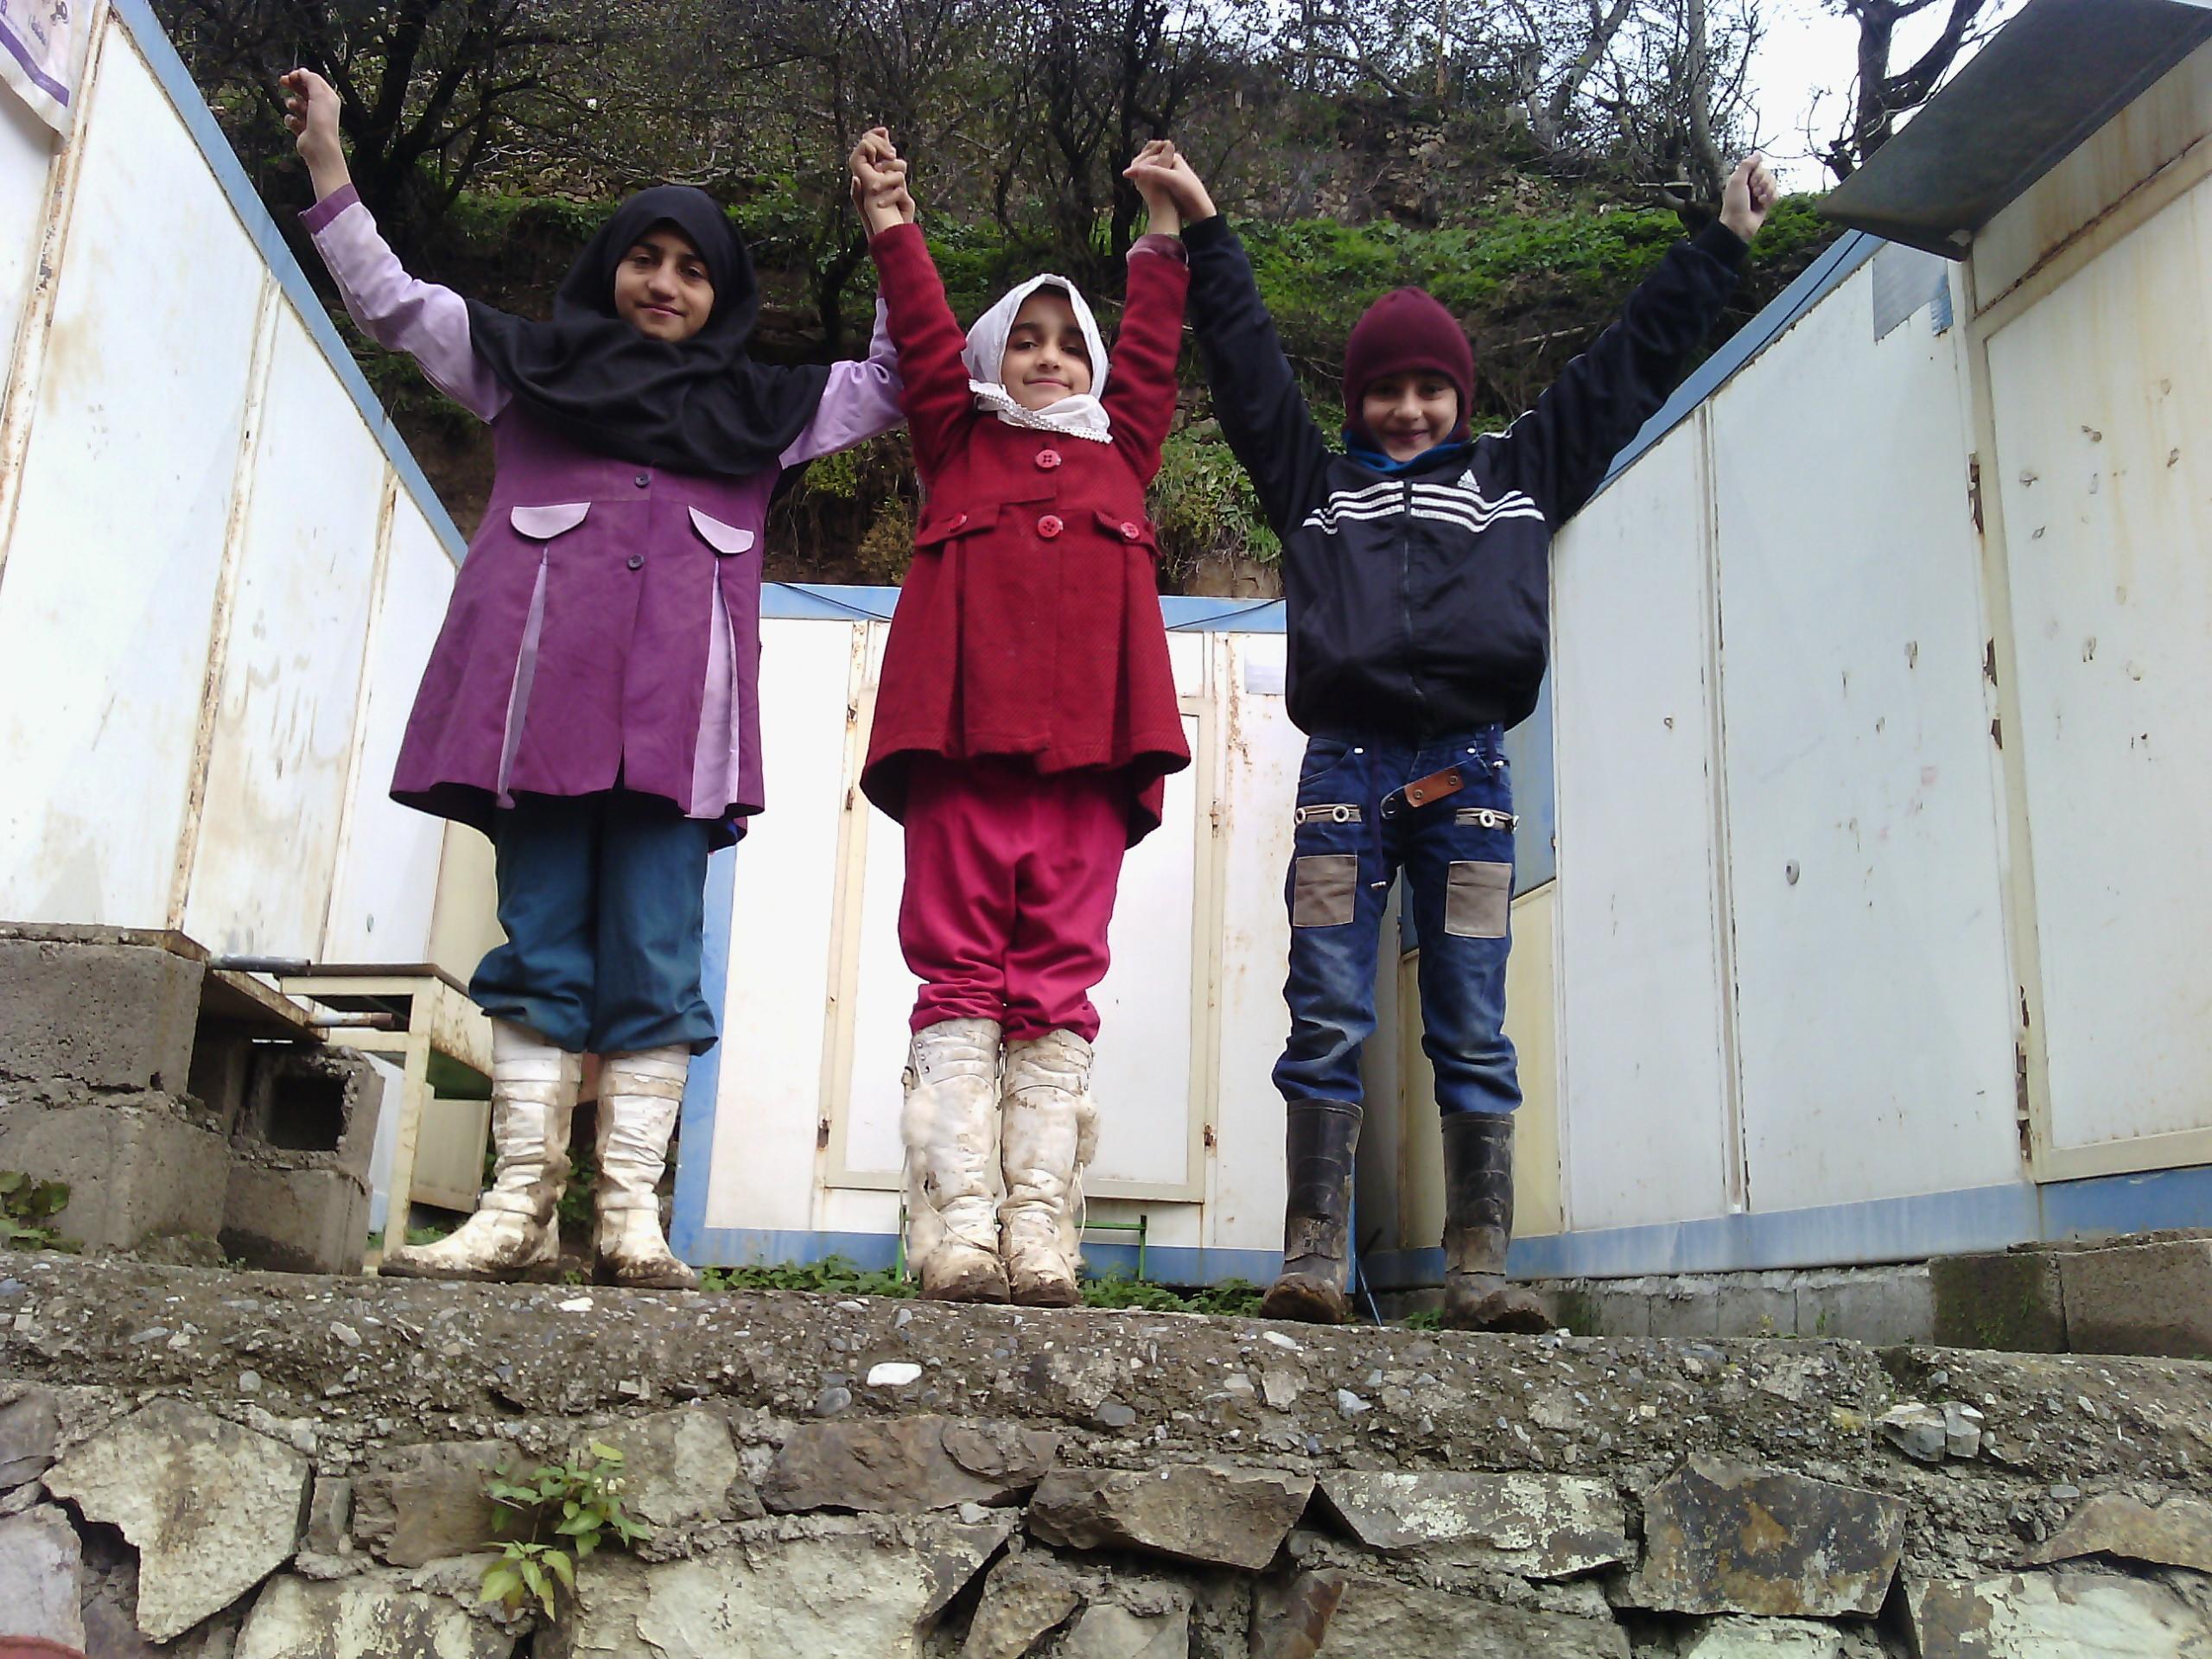 مدرسه ی روستای گلامره کوچک ترین مدرسه ی جهان